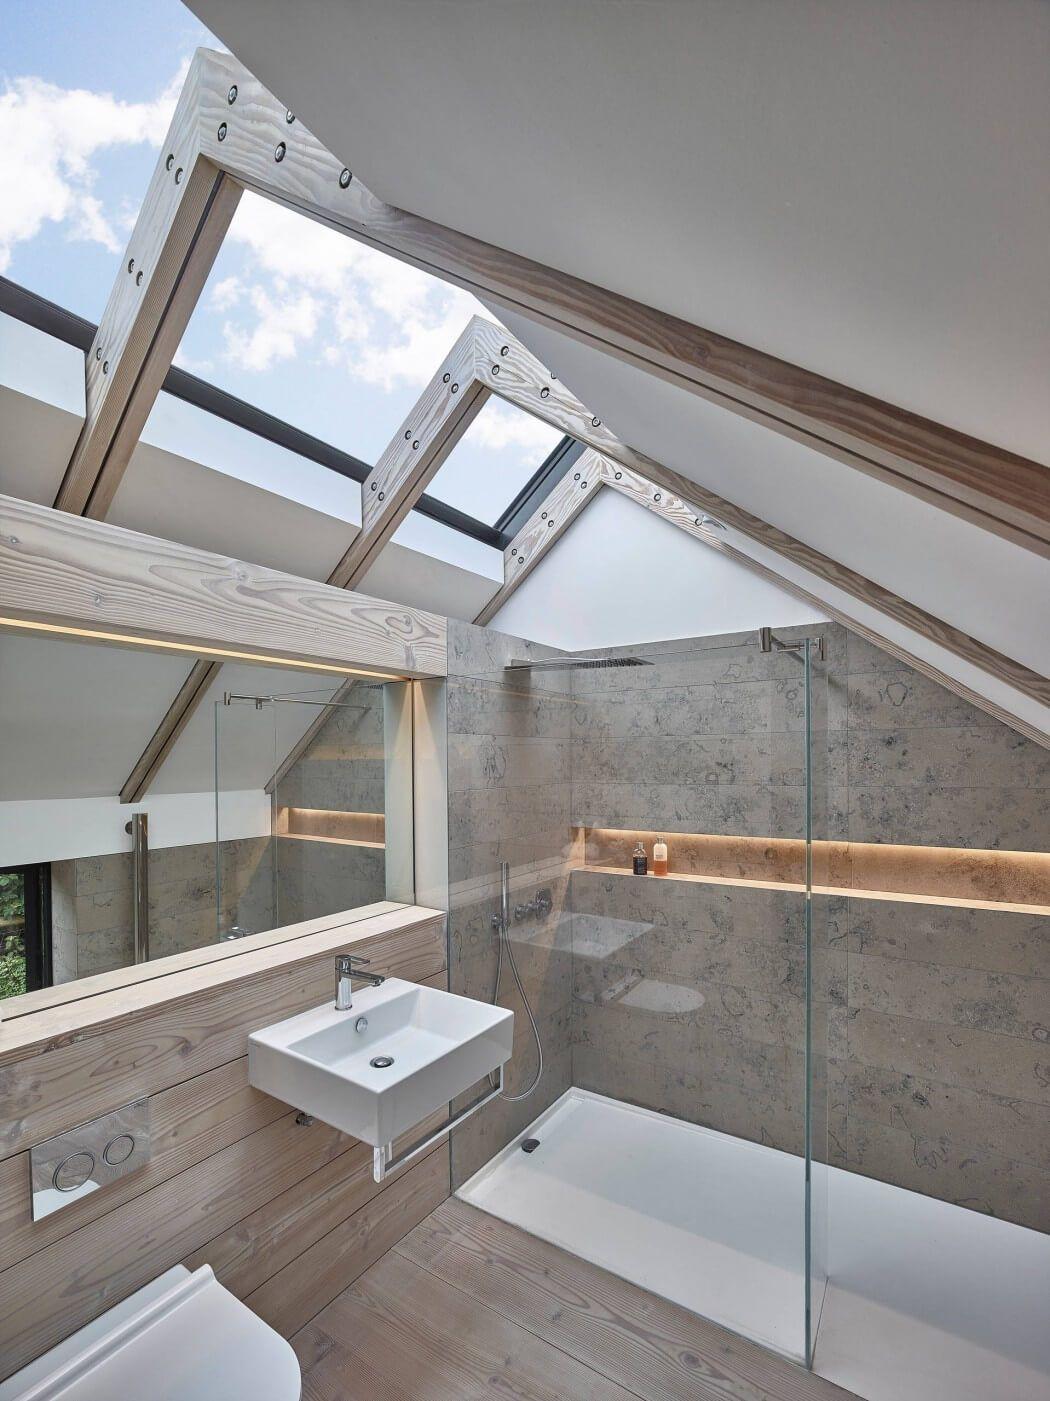 Hocker Farm By Donald Architecture Badezimmer Licht Badezimmer Dachgeschoss Design Fur Zuhause